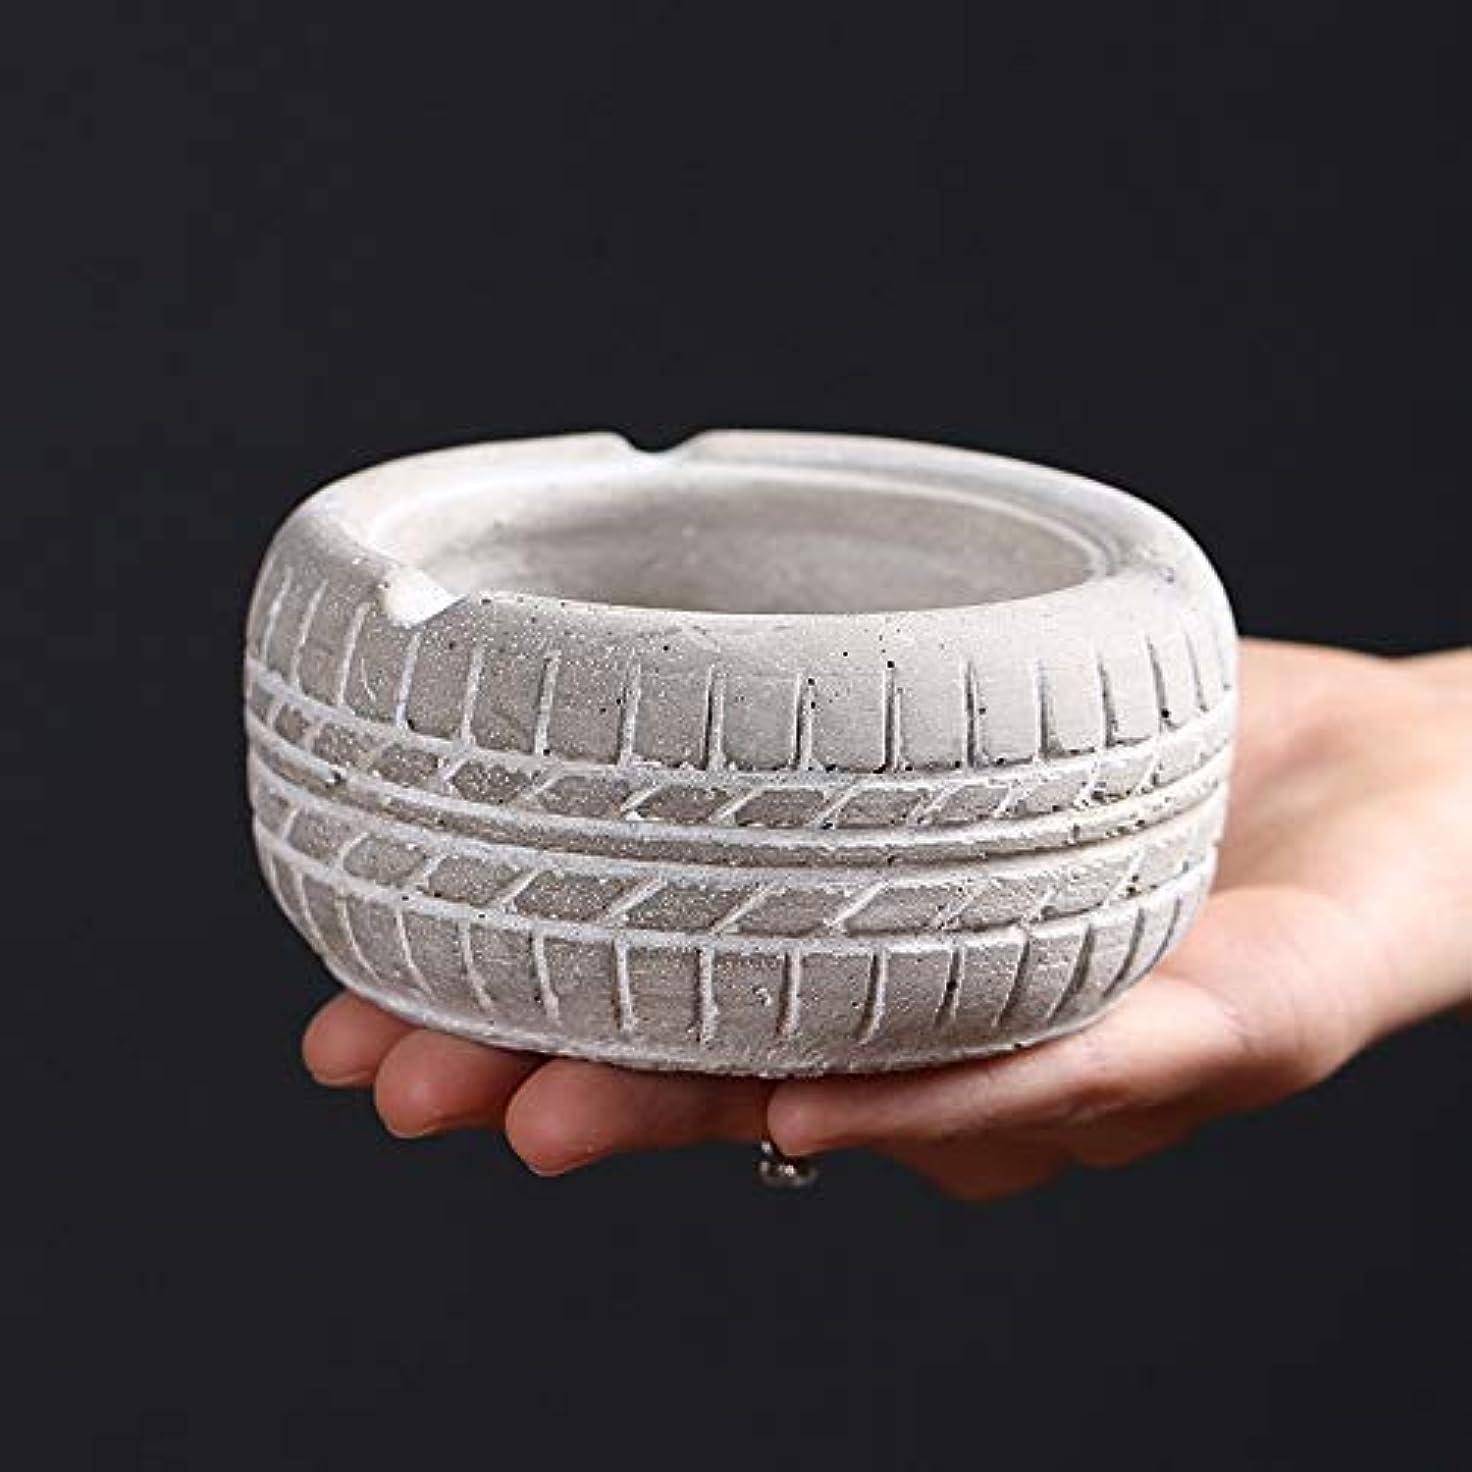 交通渋滞ぼかす毛布レトロな灰皿のタイヤの形、パーソナライズされた創造的な灰皿のデスクトップの装飾品、から選択するさまざまな色 (Size : 白)